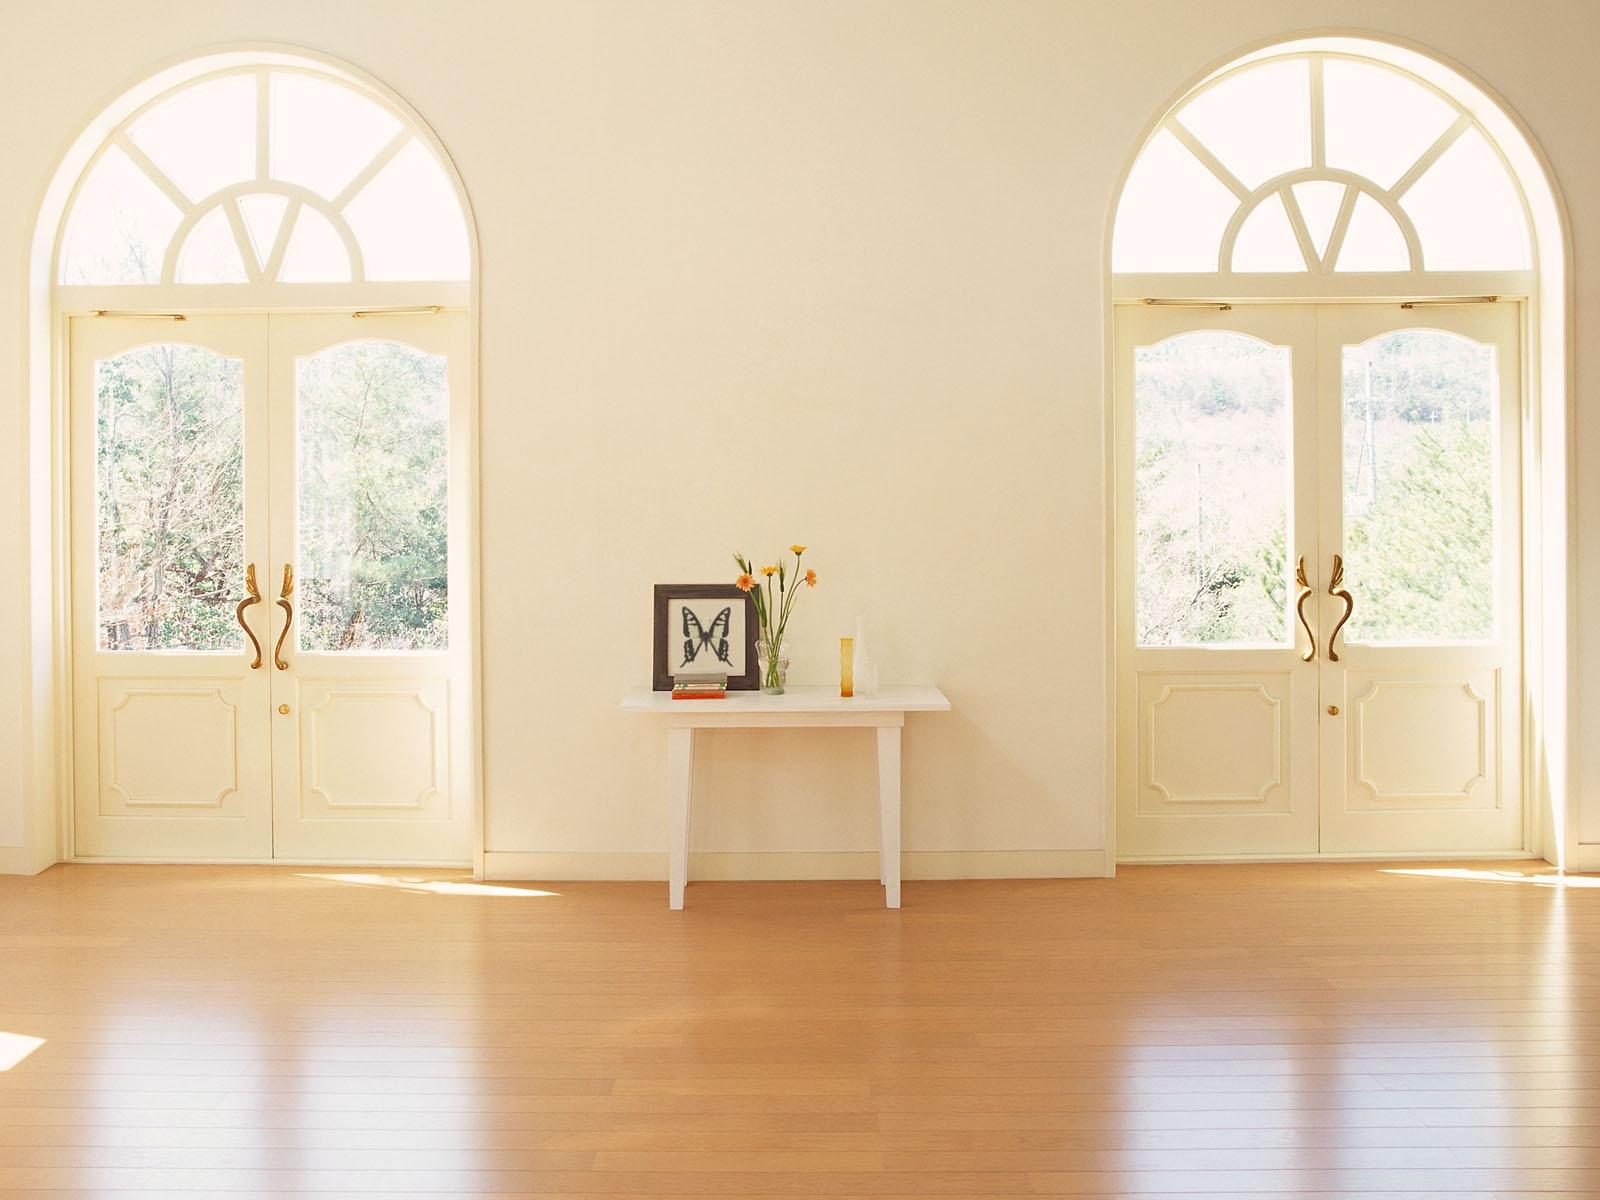 Window Room Wood Door Arch Interior Design Estate Light Floor Hall Home  Hardwood Doors Flooring Wood